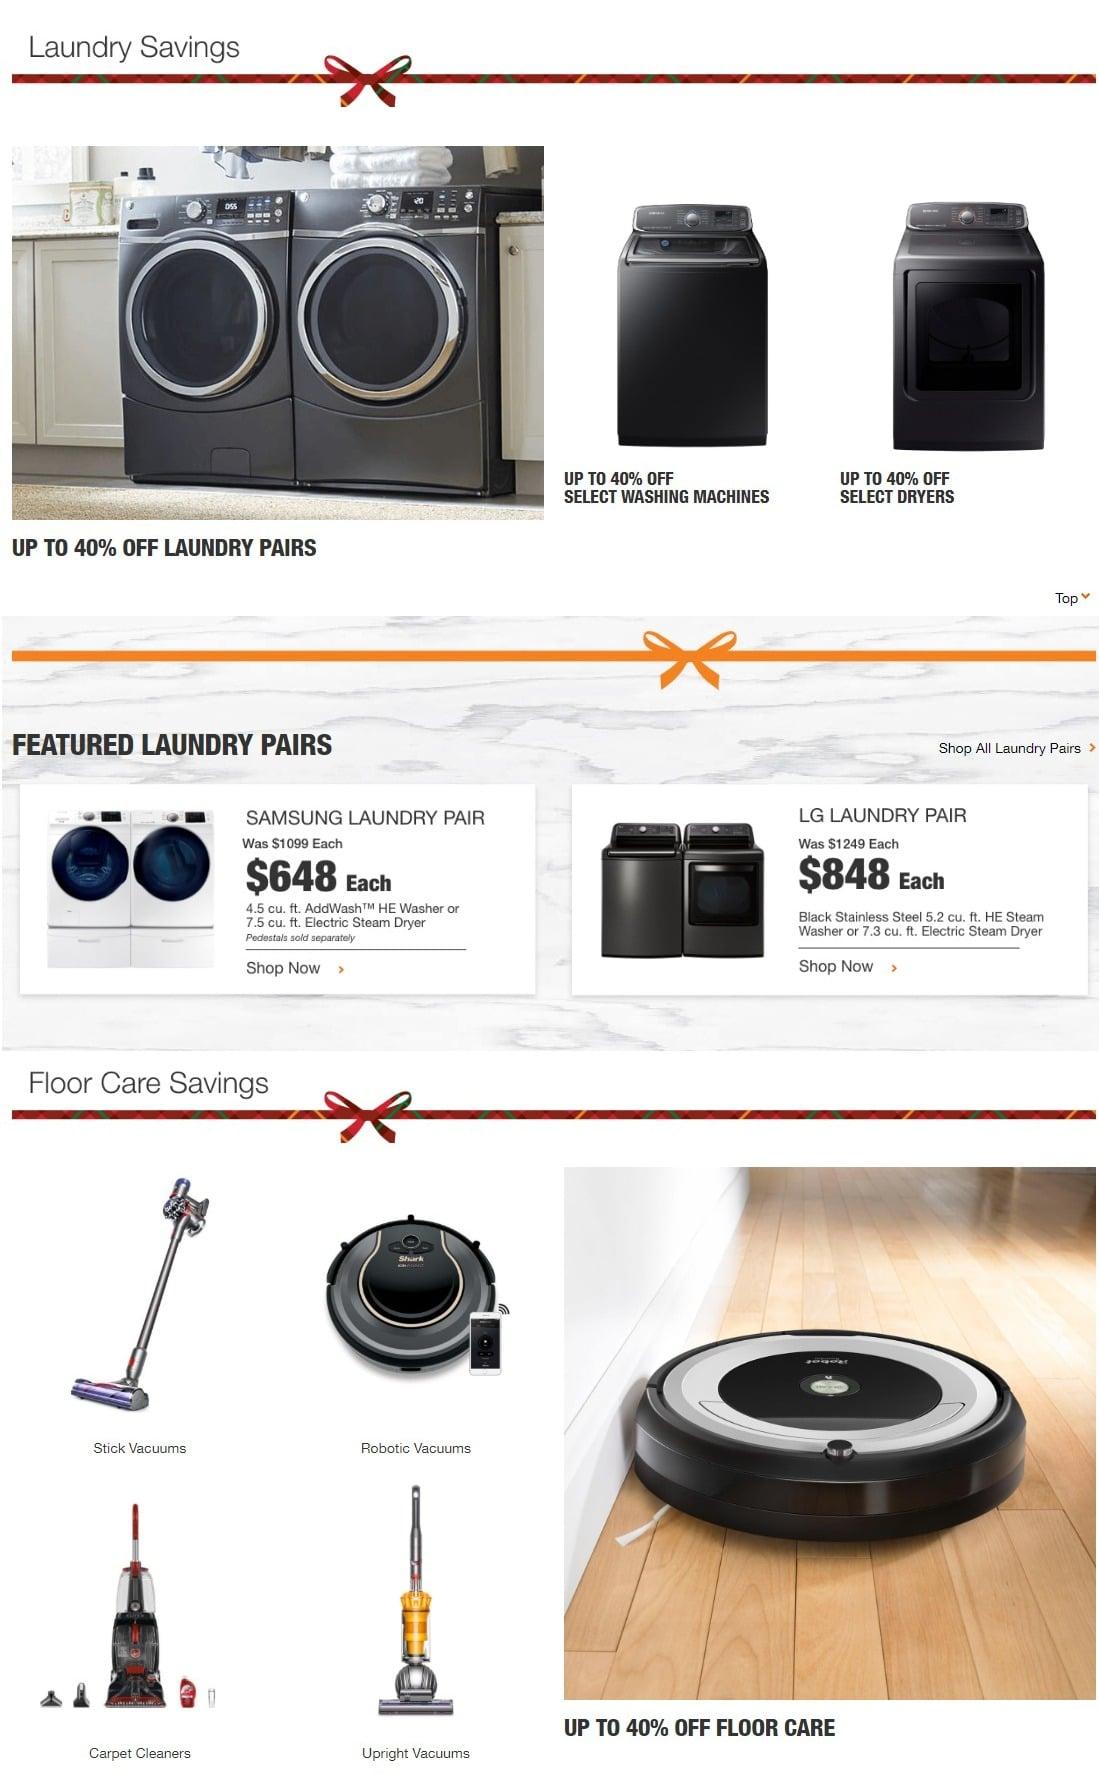 Home Depot Black Friday Appliance Deals 2020